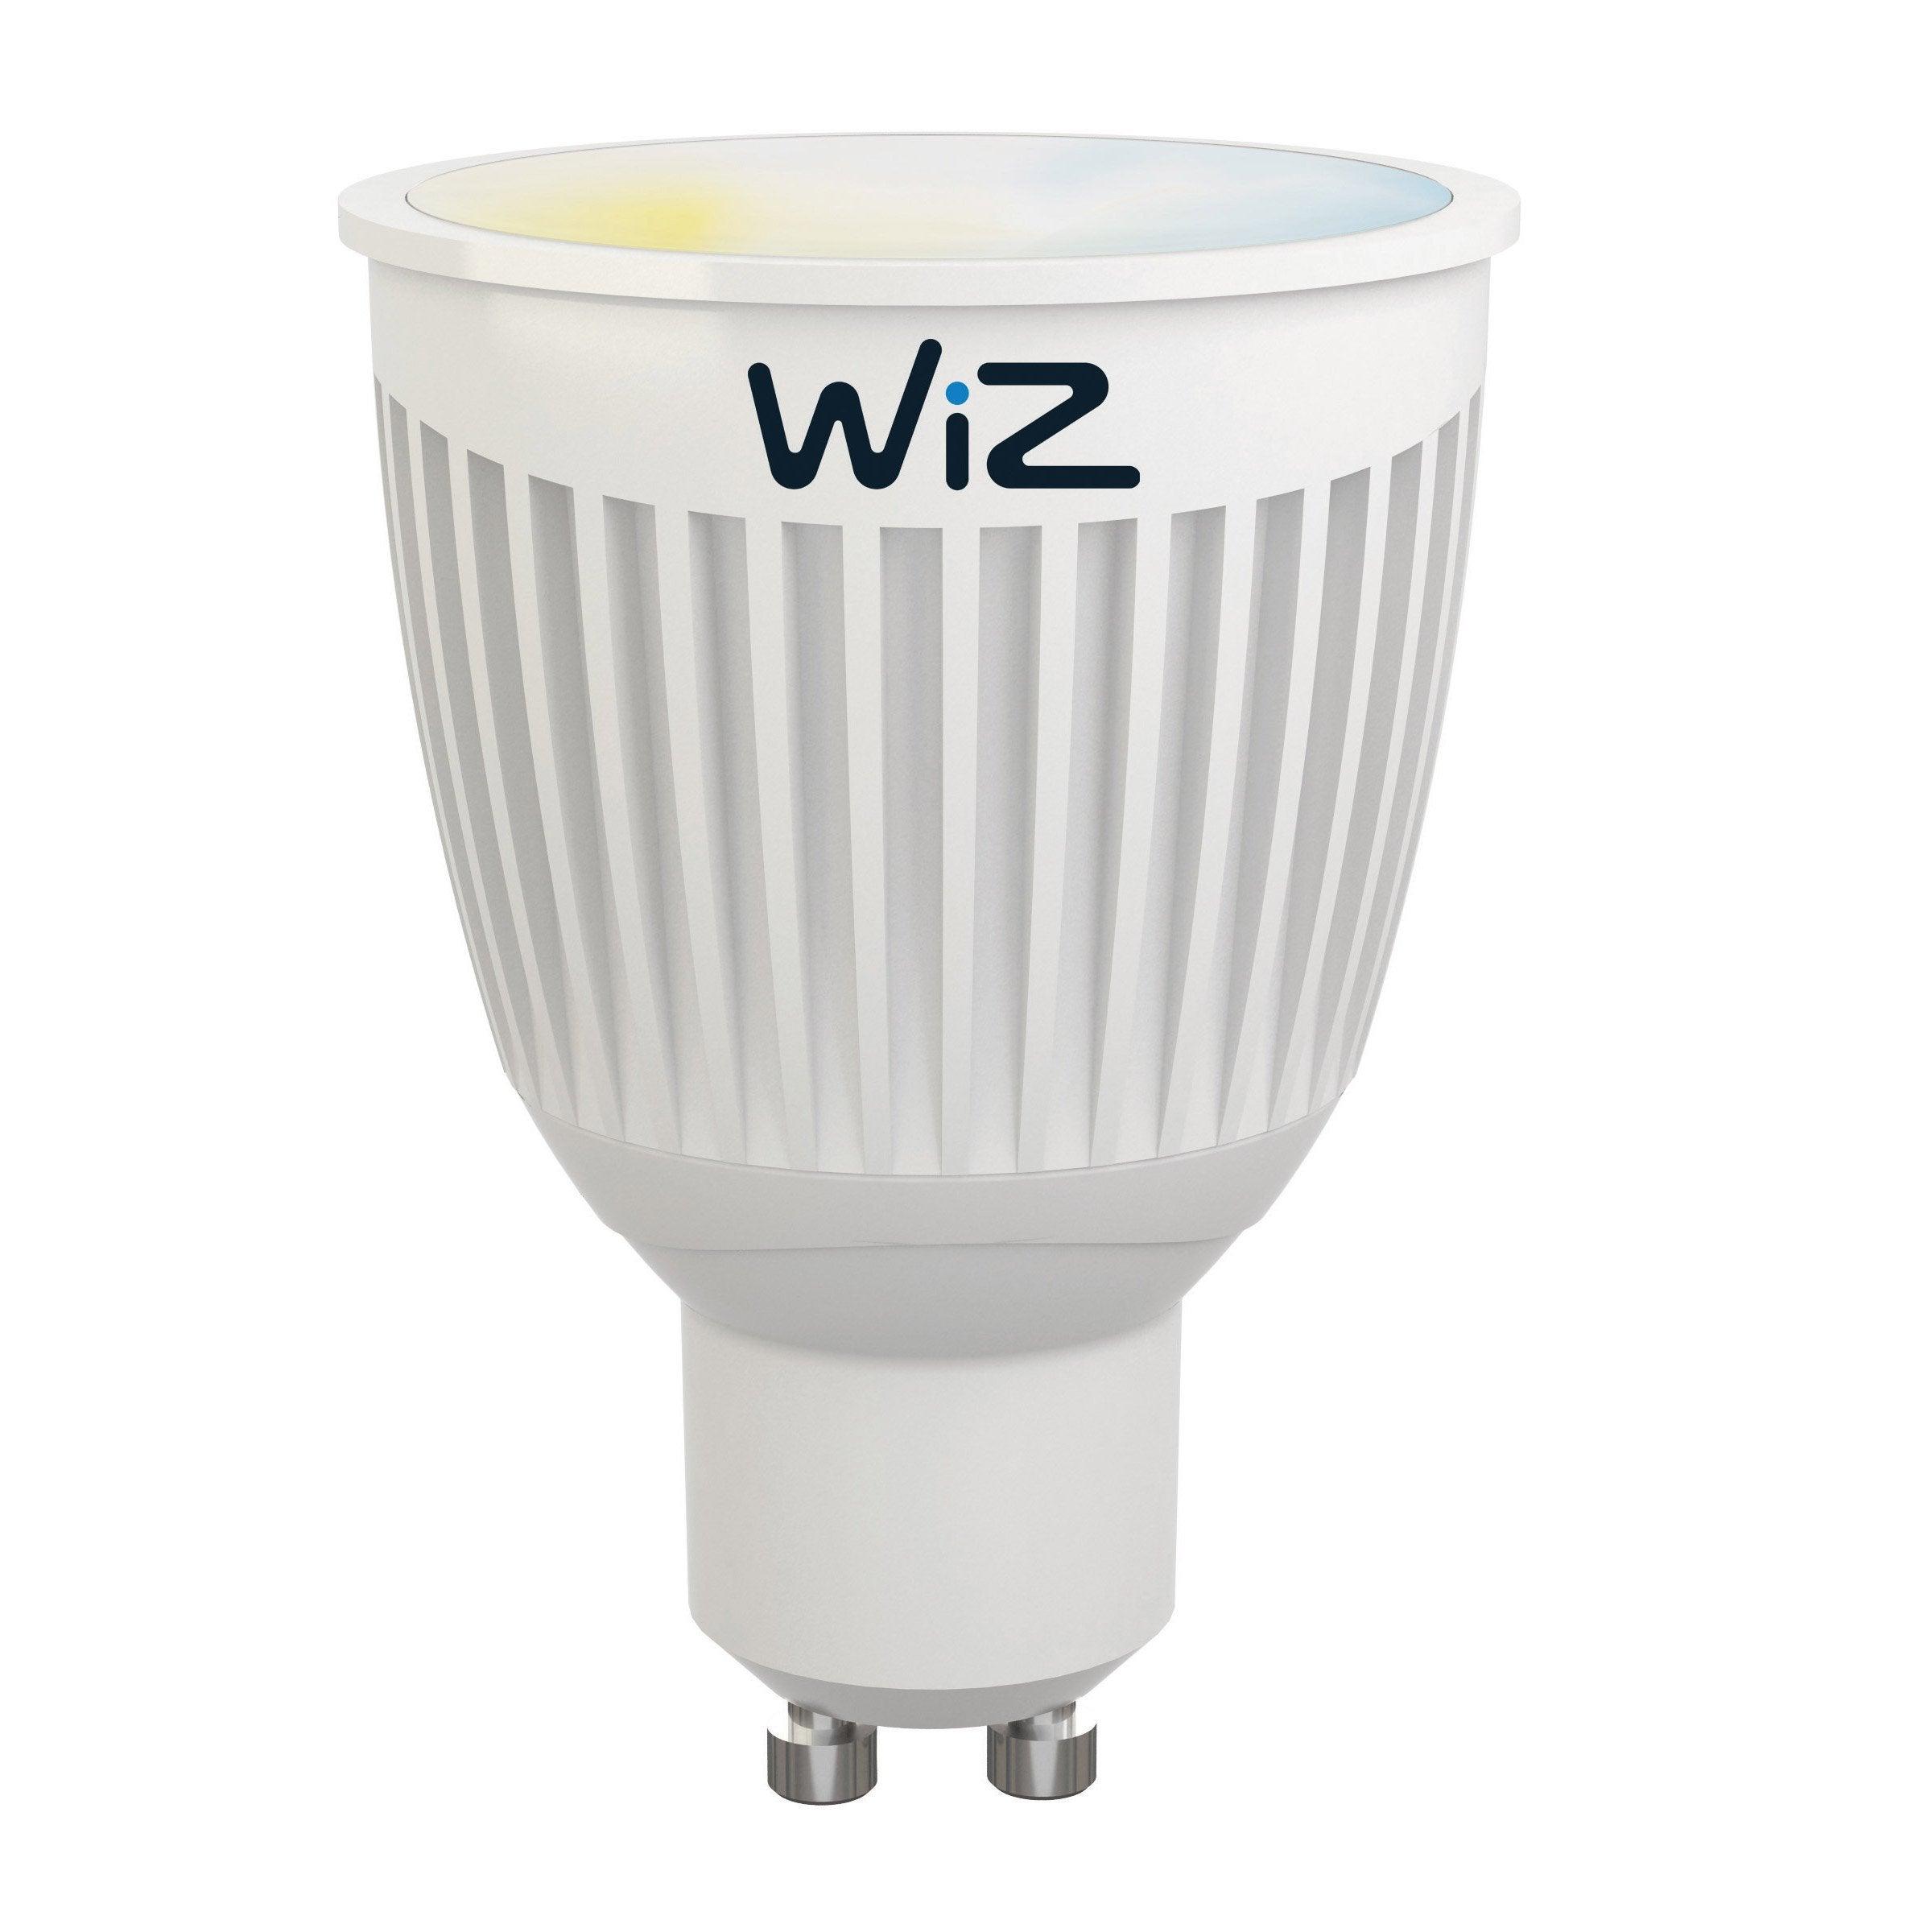 345 Lm35 Couleur W ChangeanteWiz Argenté Gu10 Led Réflecteur Ampoule bgyf67